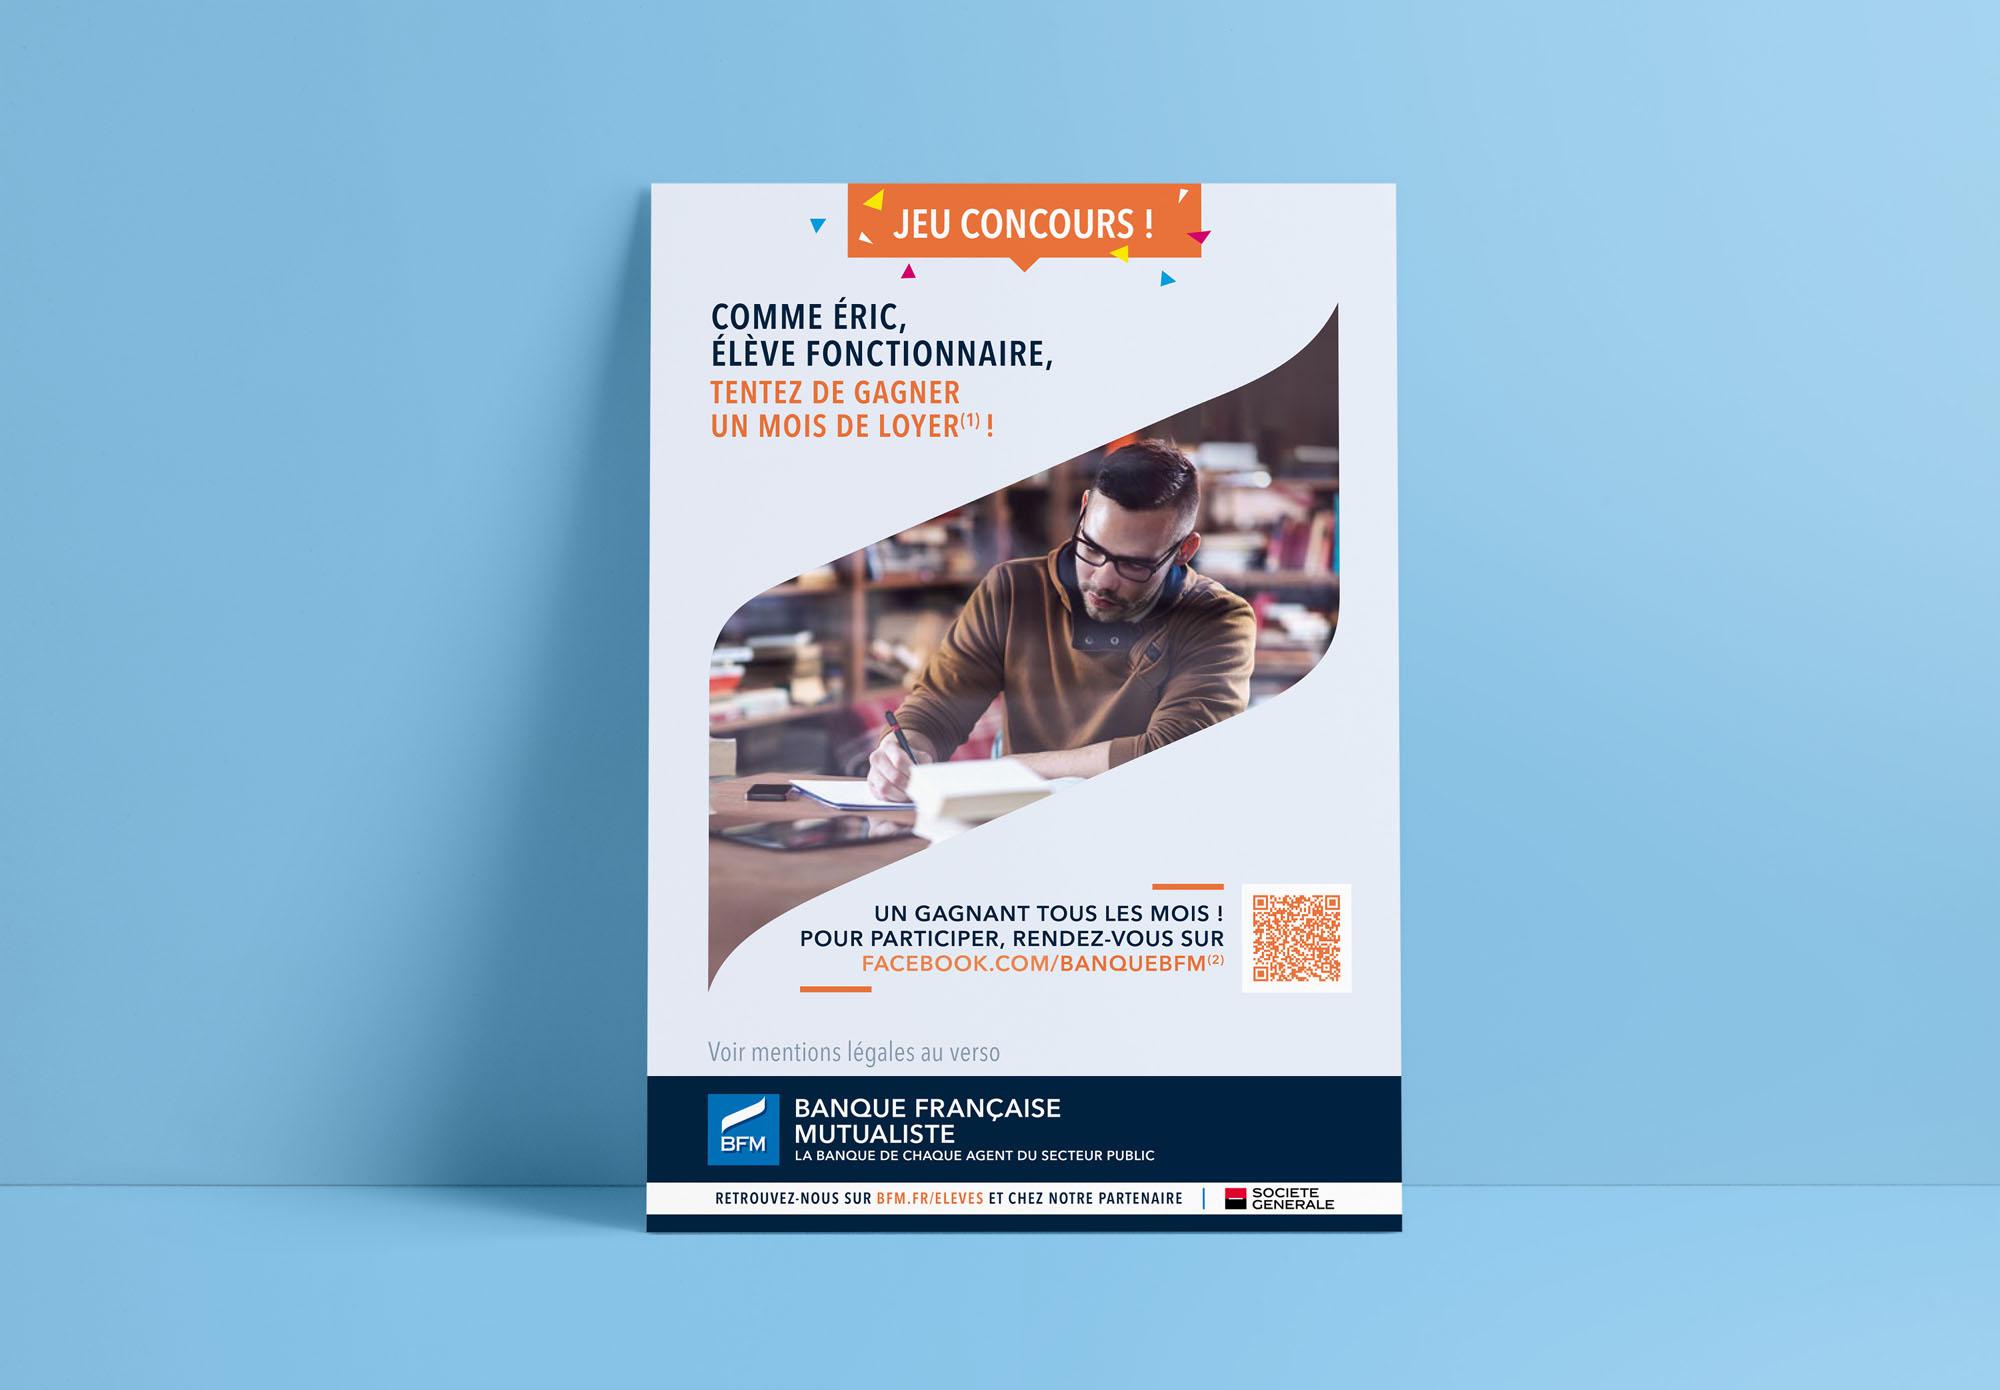 BFM - Banque Française Mutualiste - flyer jeu concours